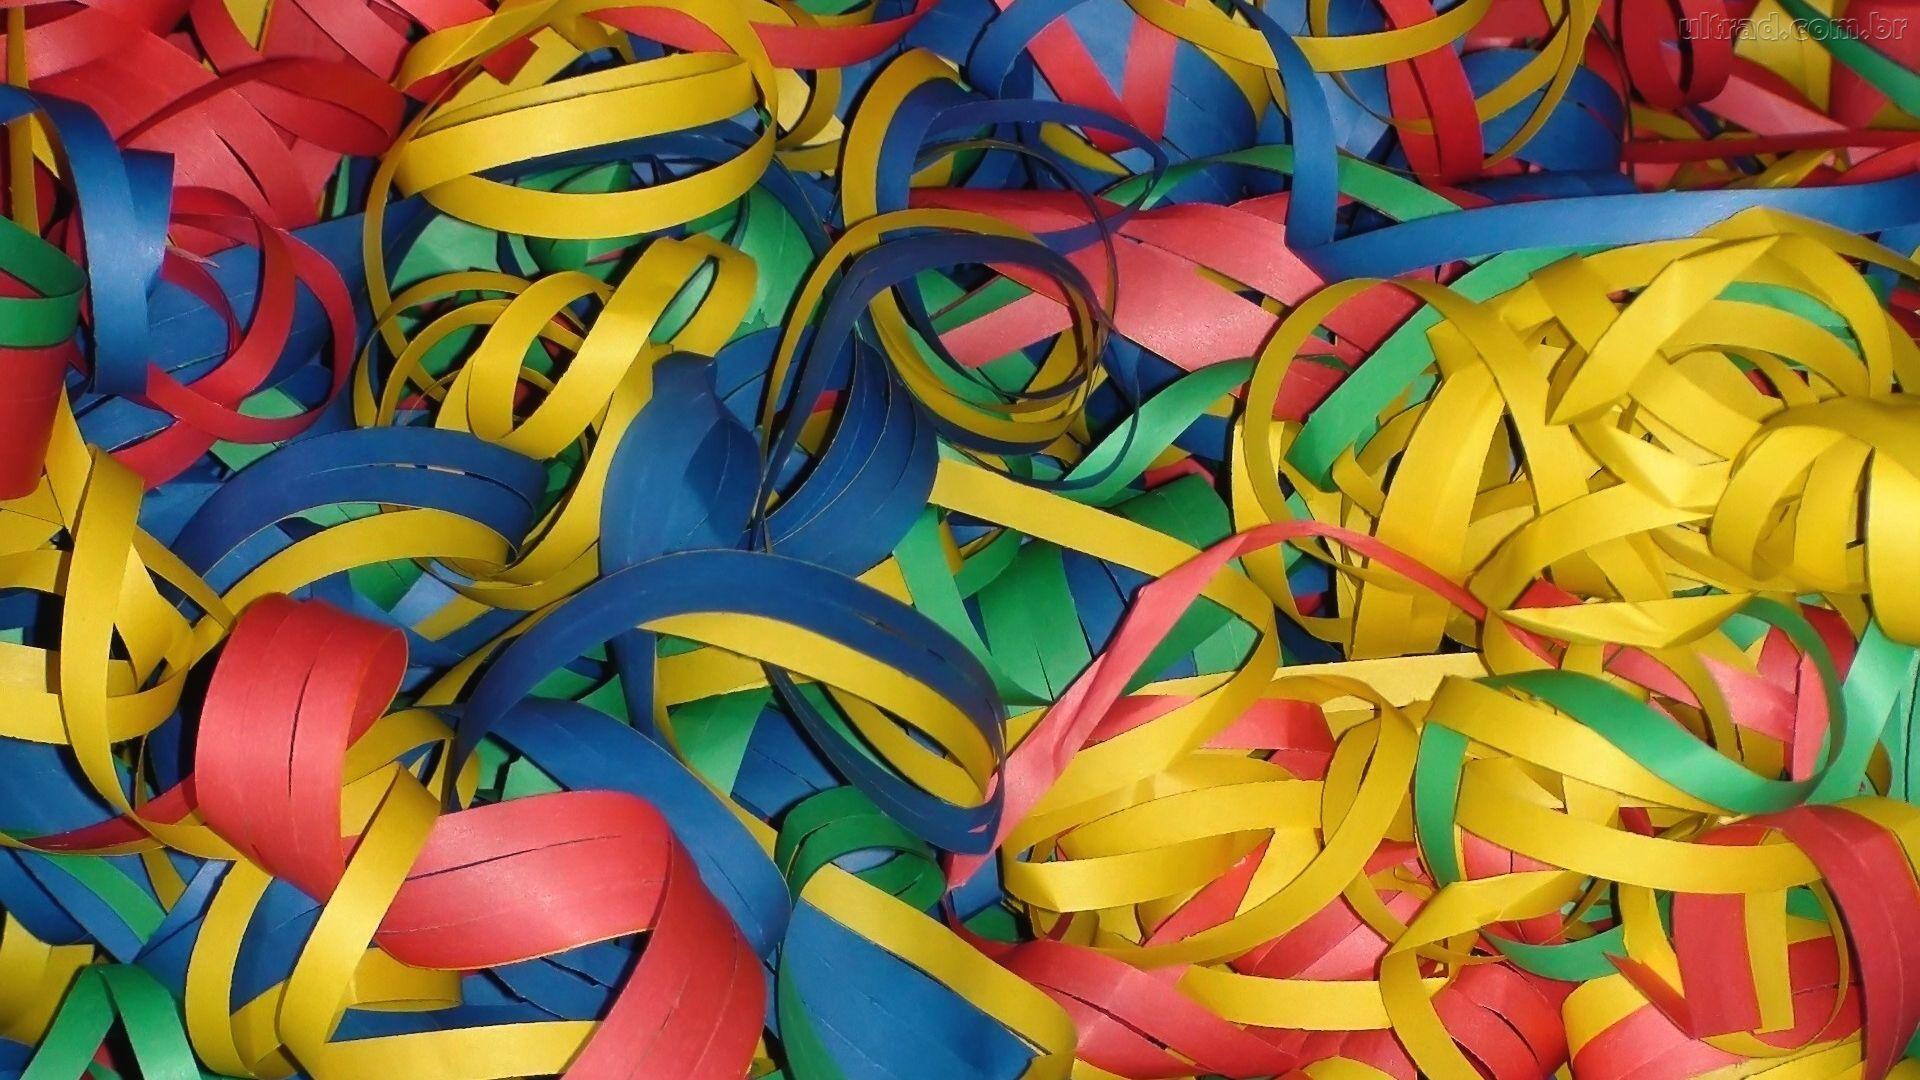 Welpencarnaval, Carnaval vieren met de welpen!